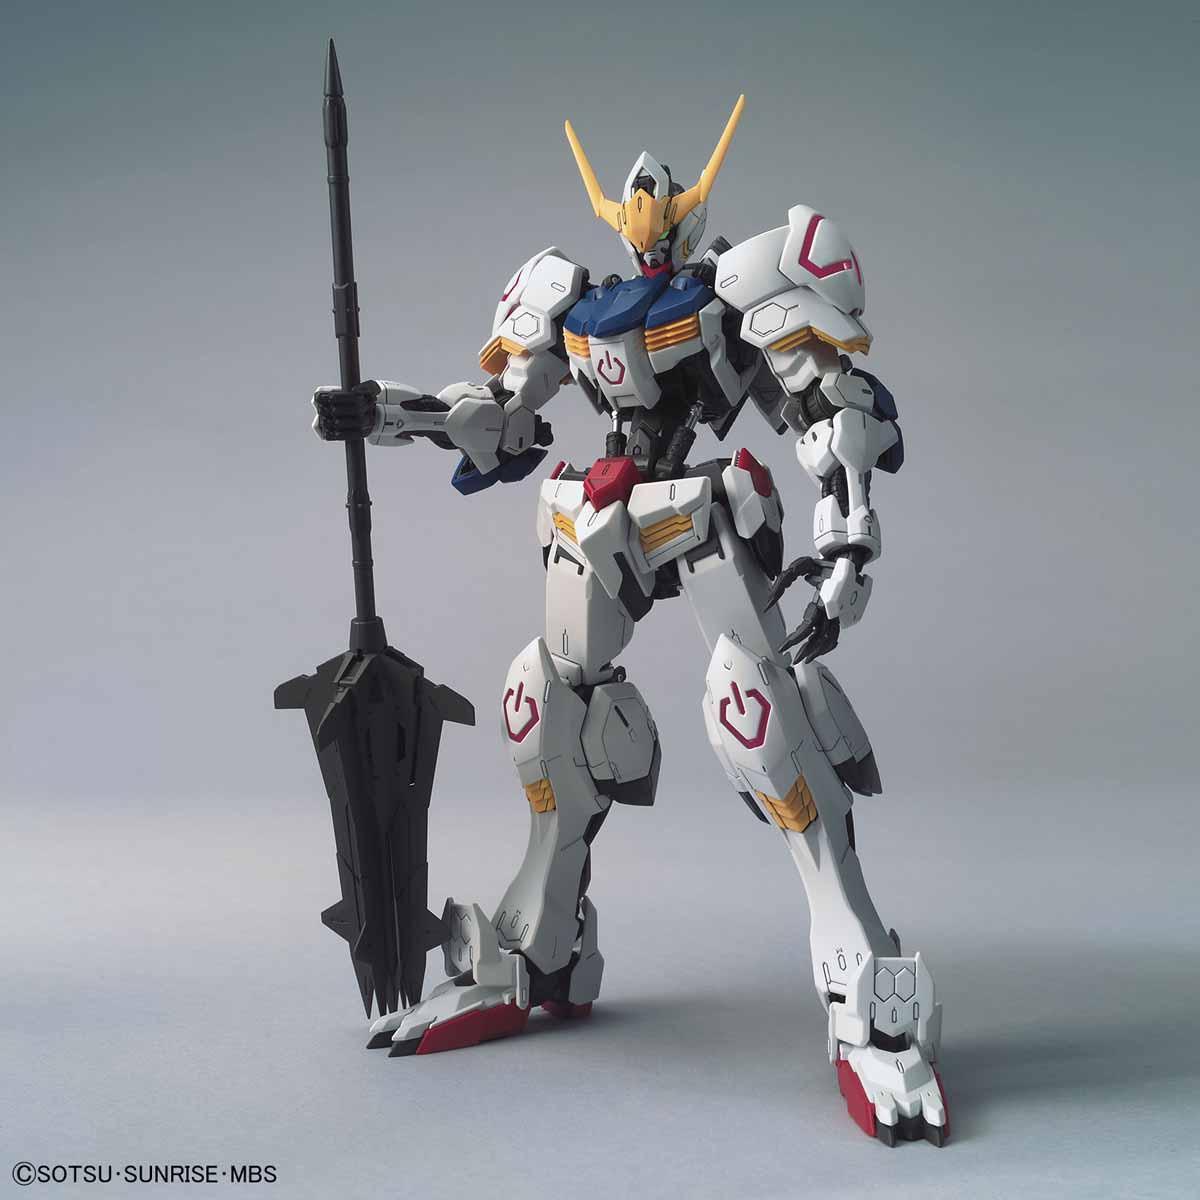 MG 1/100『ガンダムバルバトス』鉄血のオルフェンズ プラモデル-002